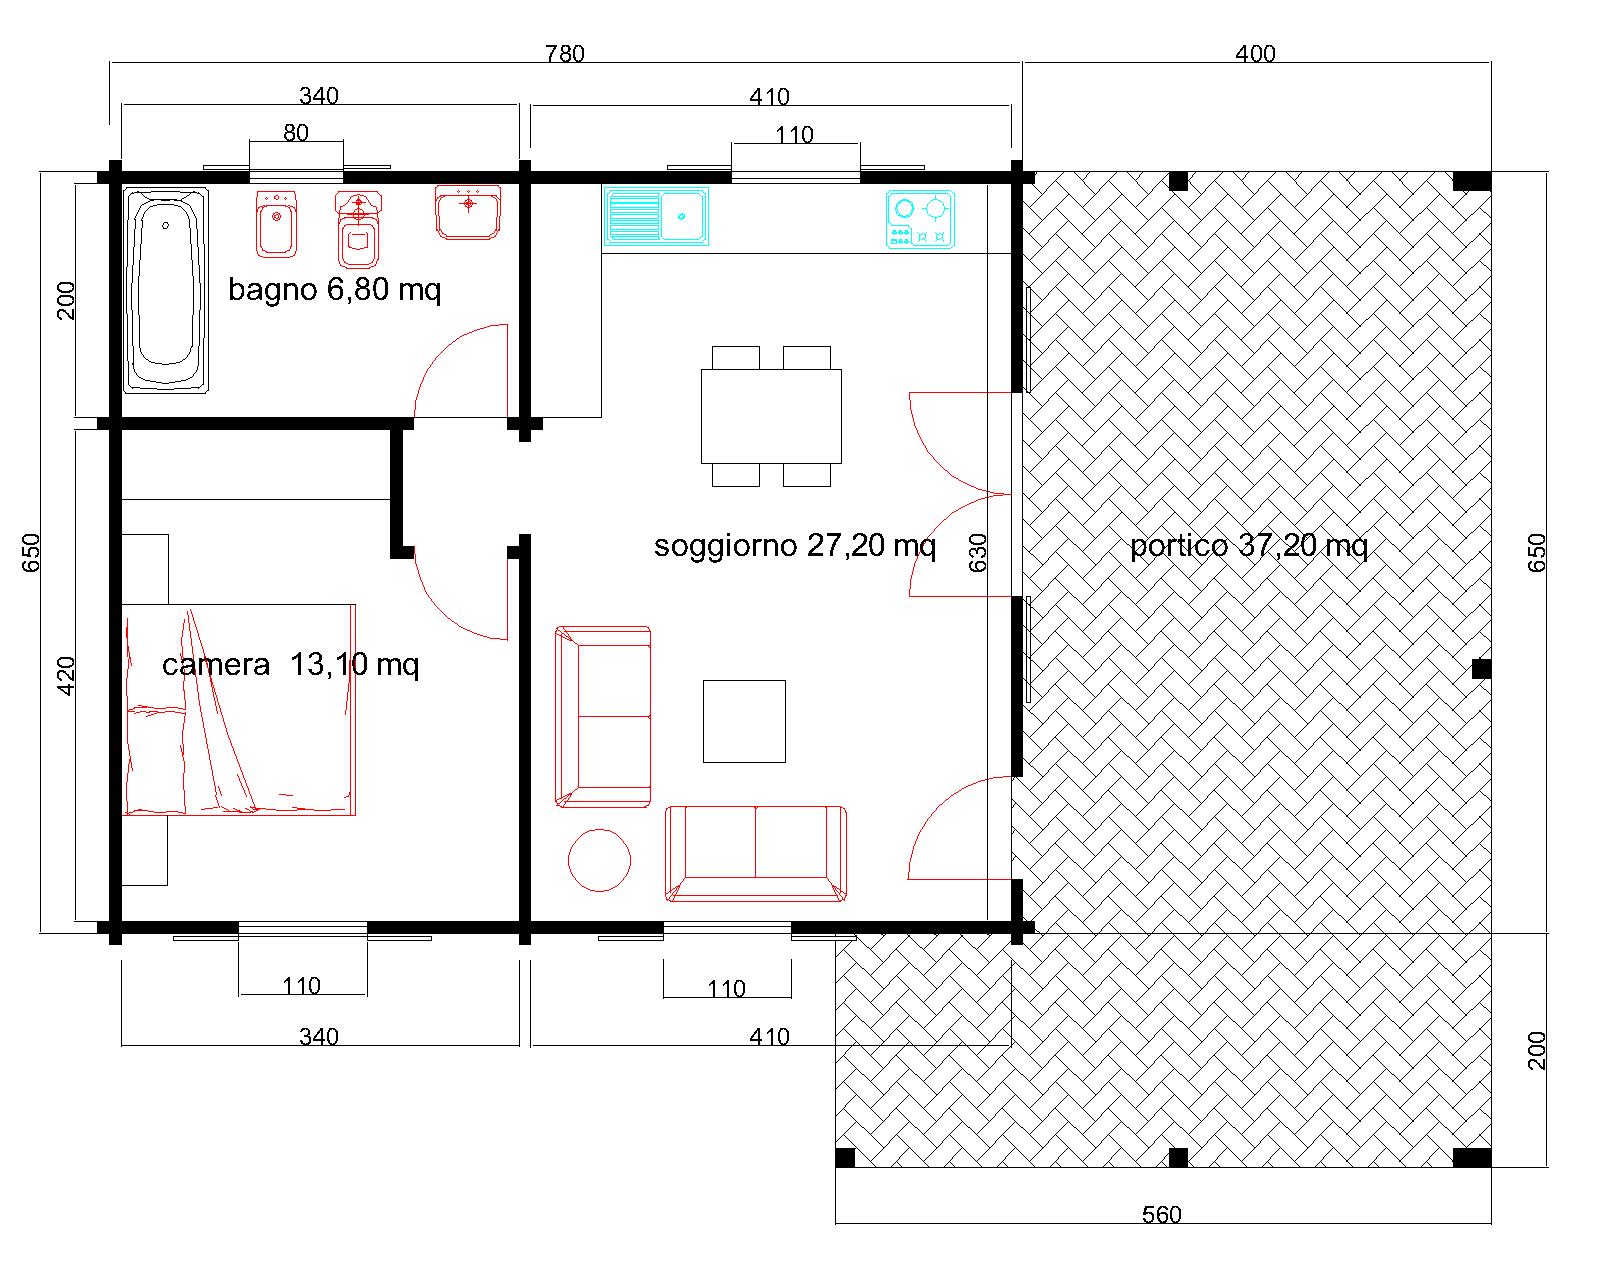 Progetti di case in legno casa 51 mq portico 37 mq for Progetti di piani di casa con foto